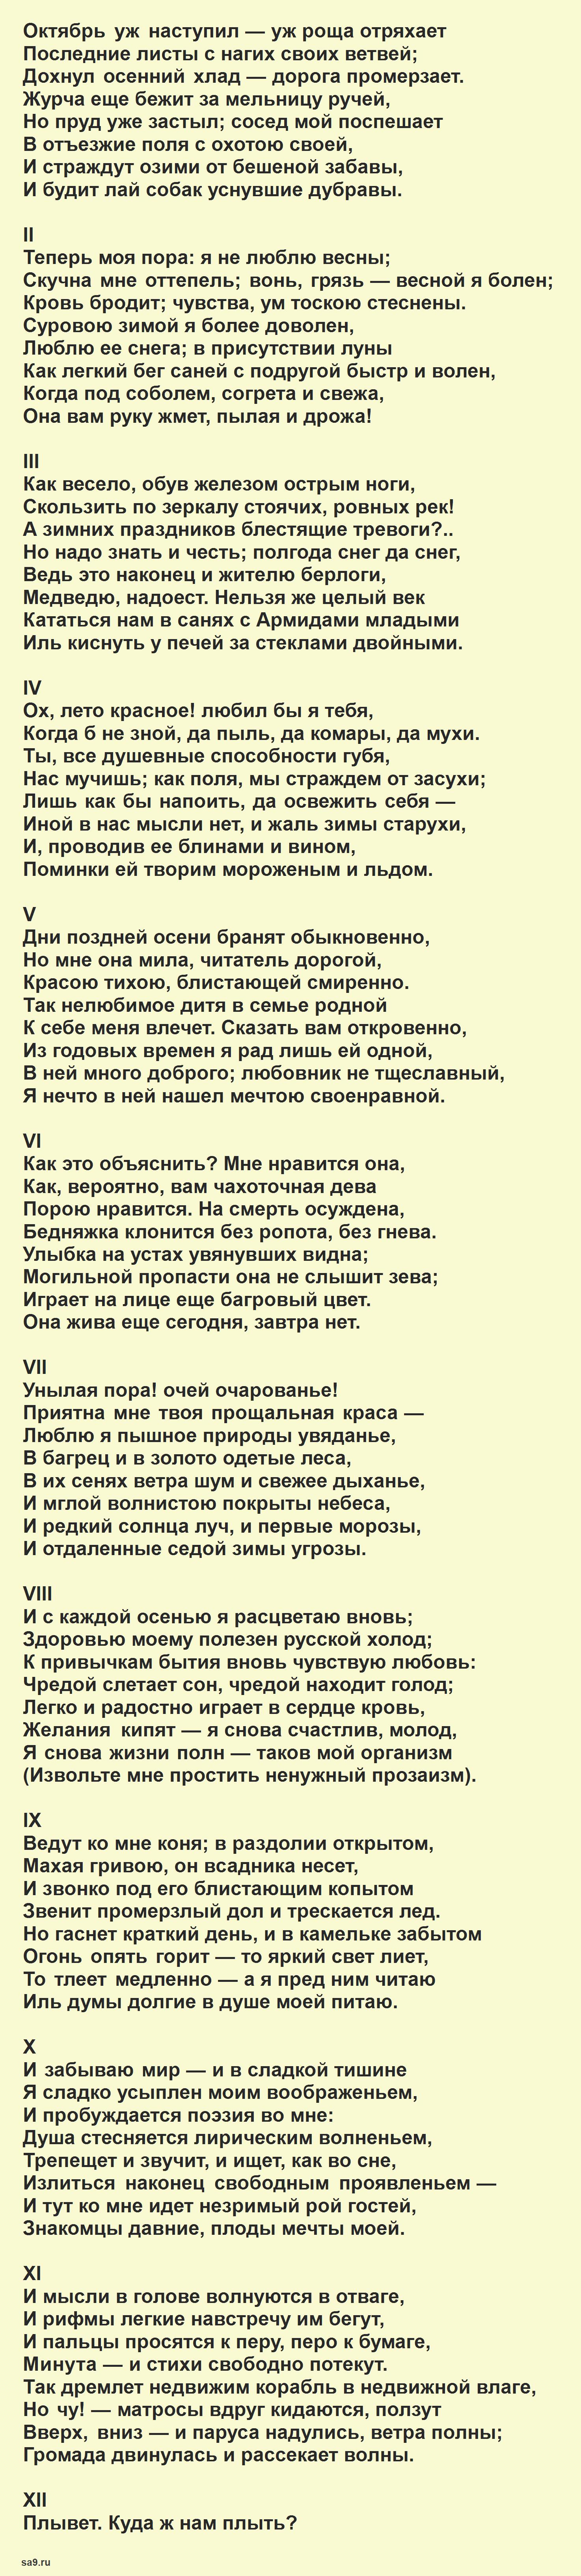 Стих Пушкина - Осень